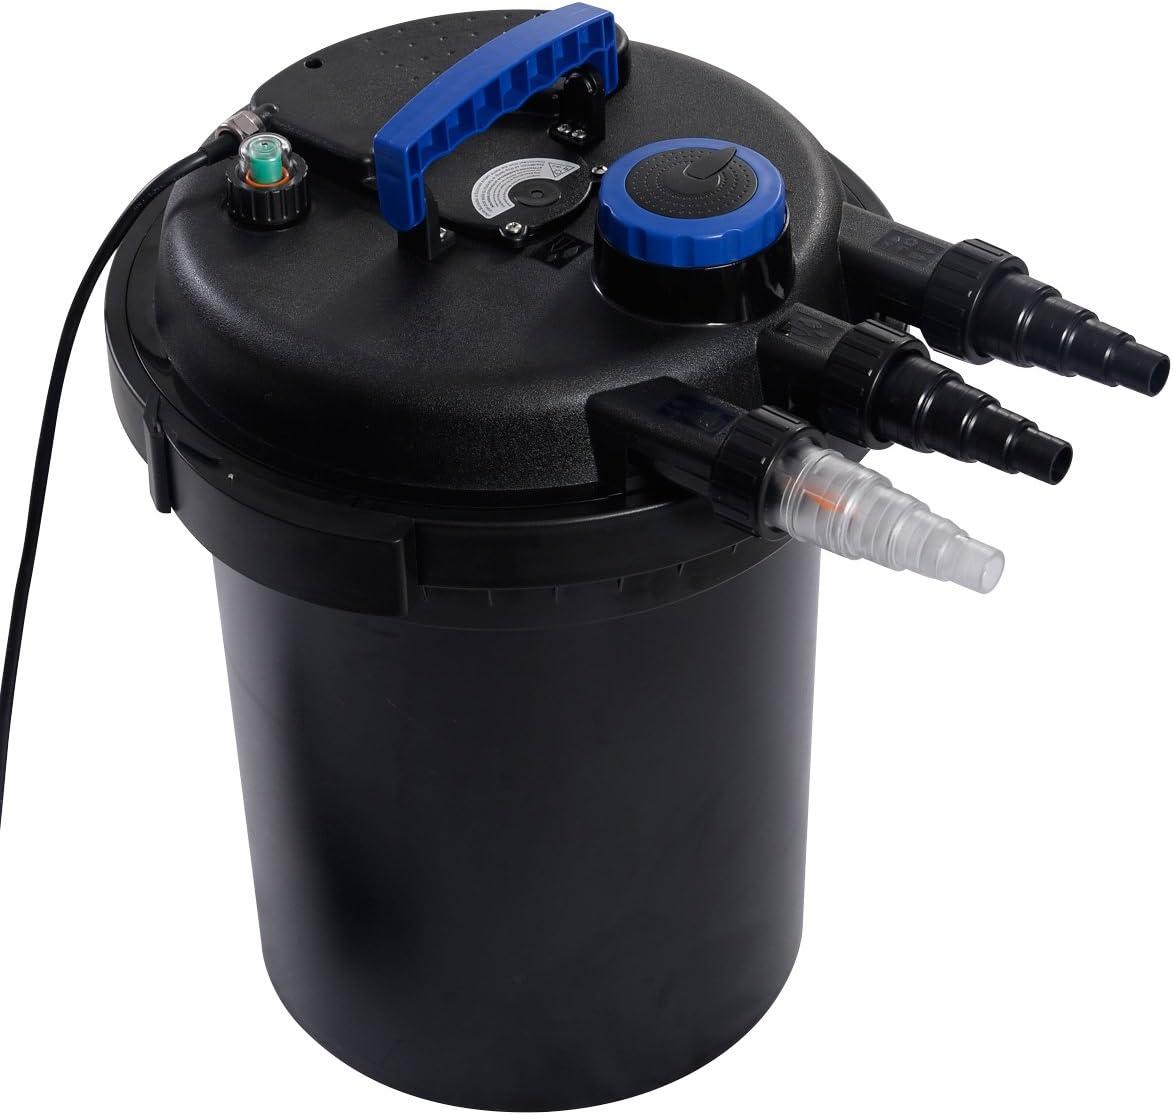 Effective Pressure Filter Casart Pond Bio Filter